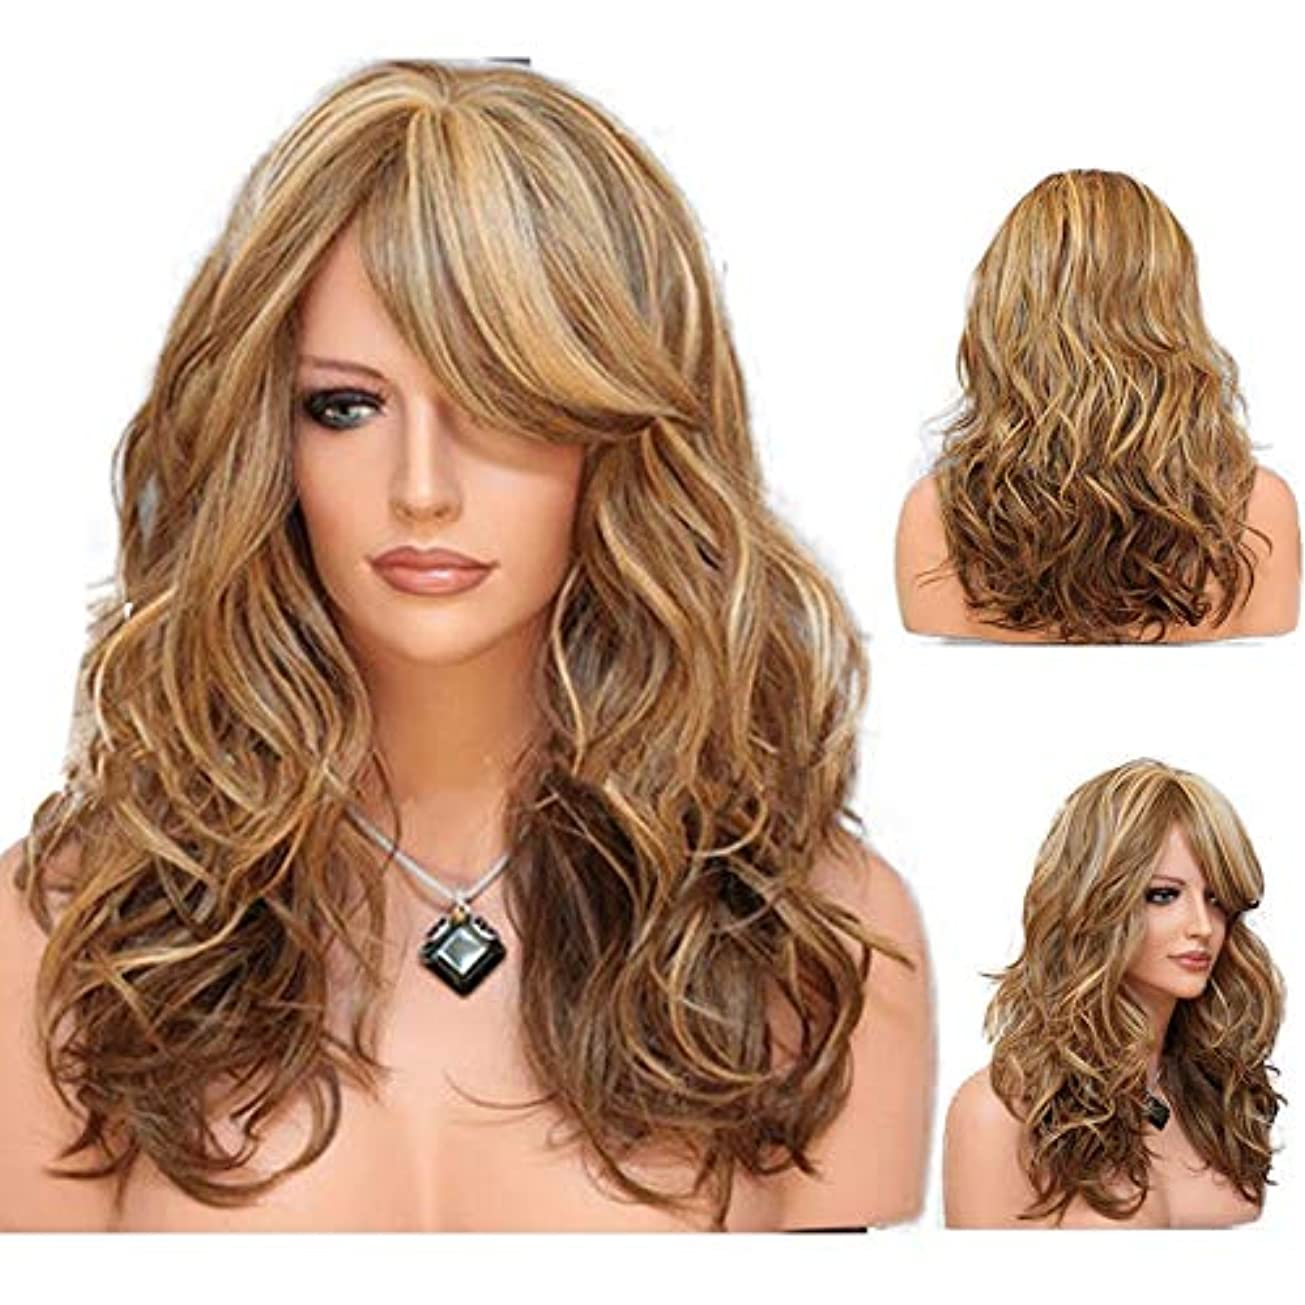 レビュー体操選手友情女性の長い巻き毛の波状髪のかつら24インチ魅力的な熱にやさしい人工毛交換かつらハロウィンコスプレ衣装アニメパーティーかつら(かつらキャップ付き) (Color : Brown)